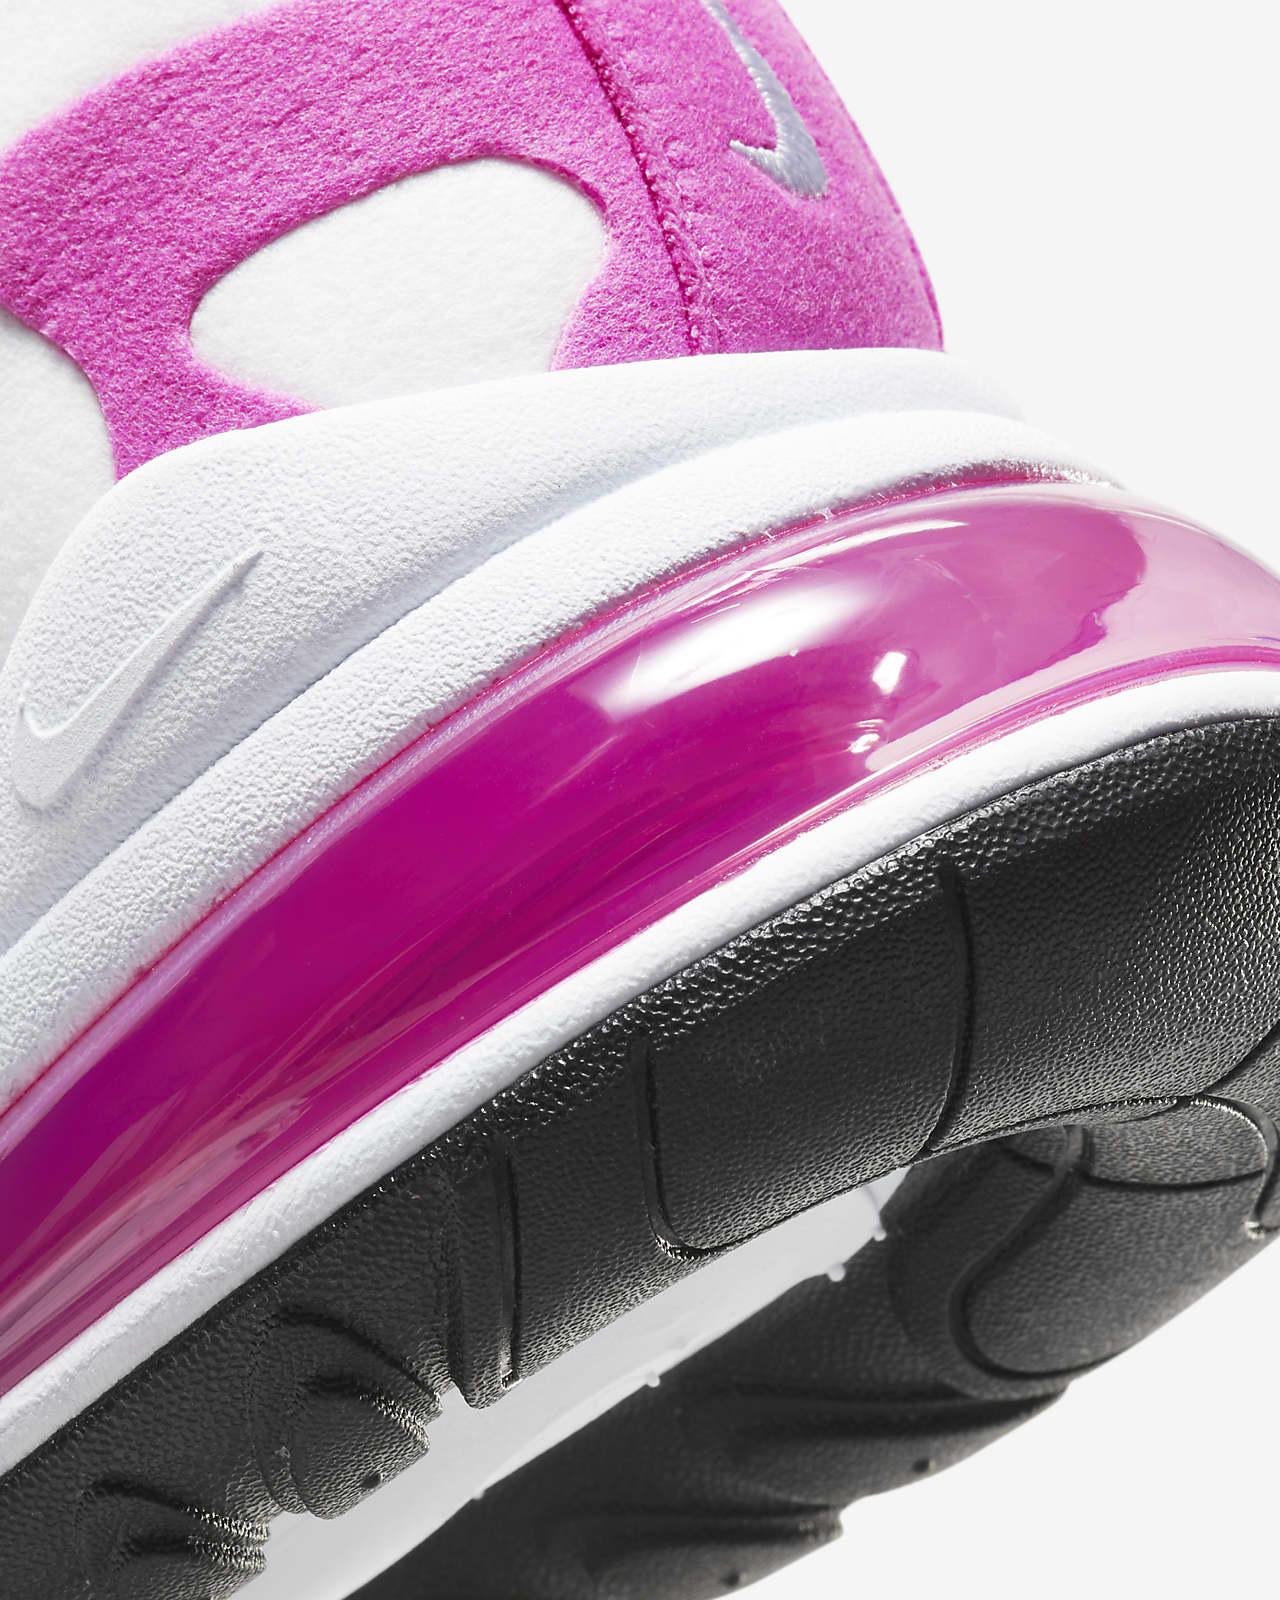 รองเท้าผู้หญิง Nike Air Max 270 React